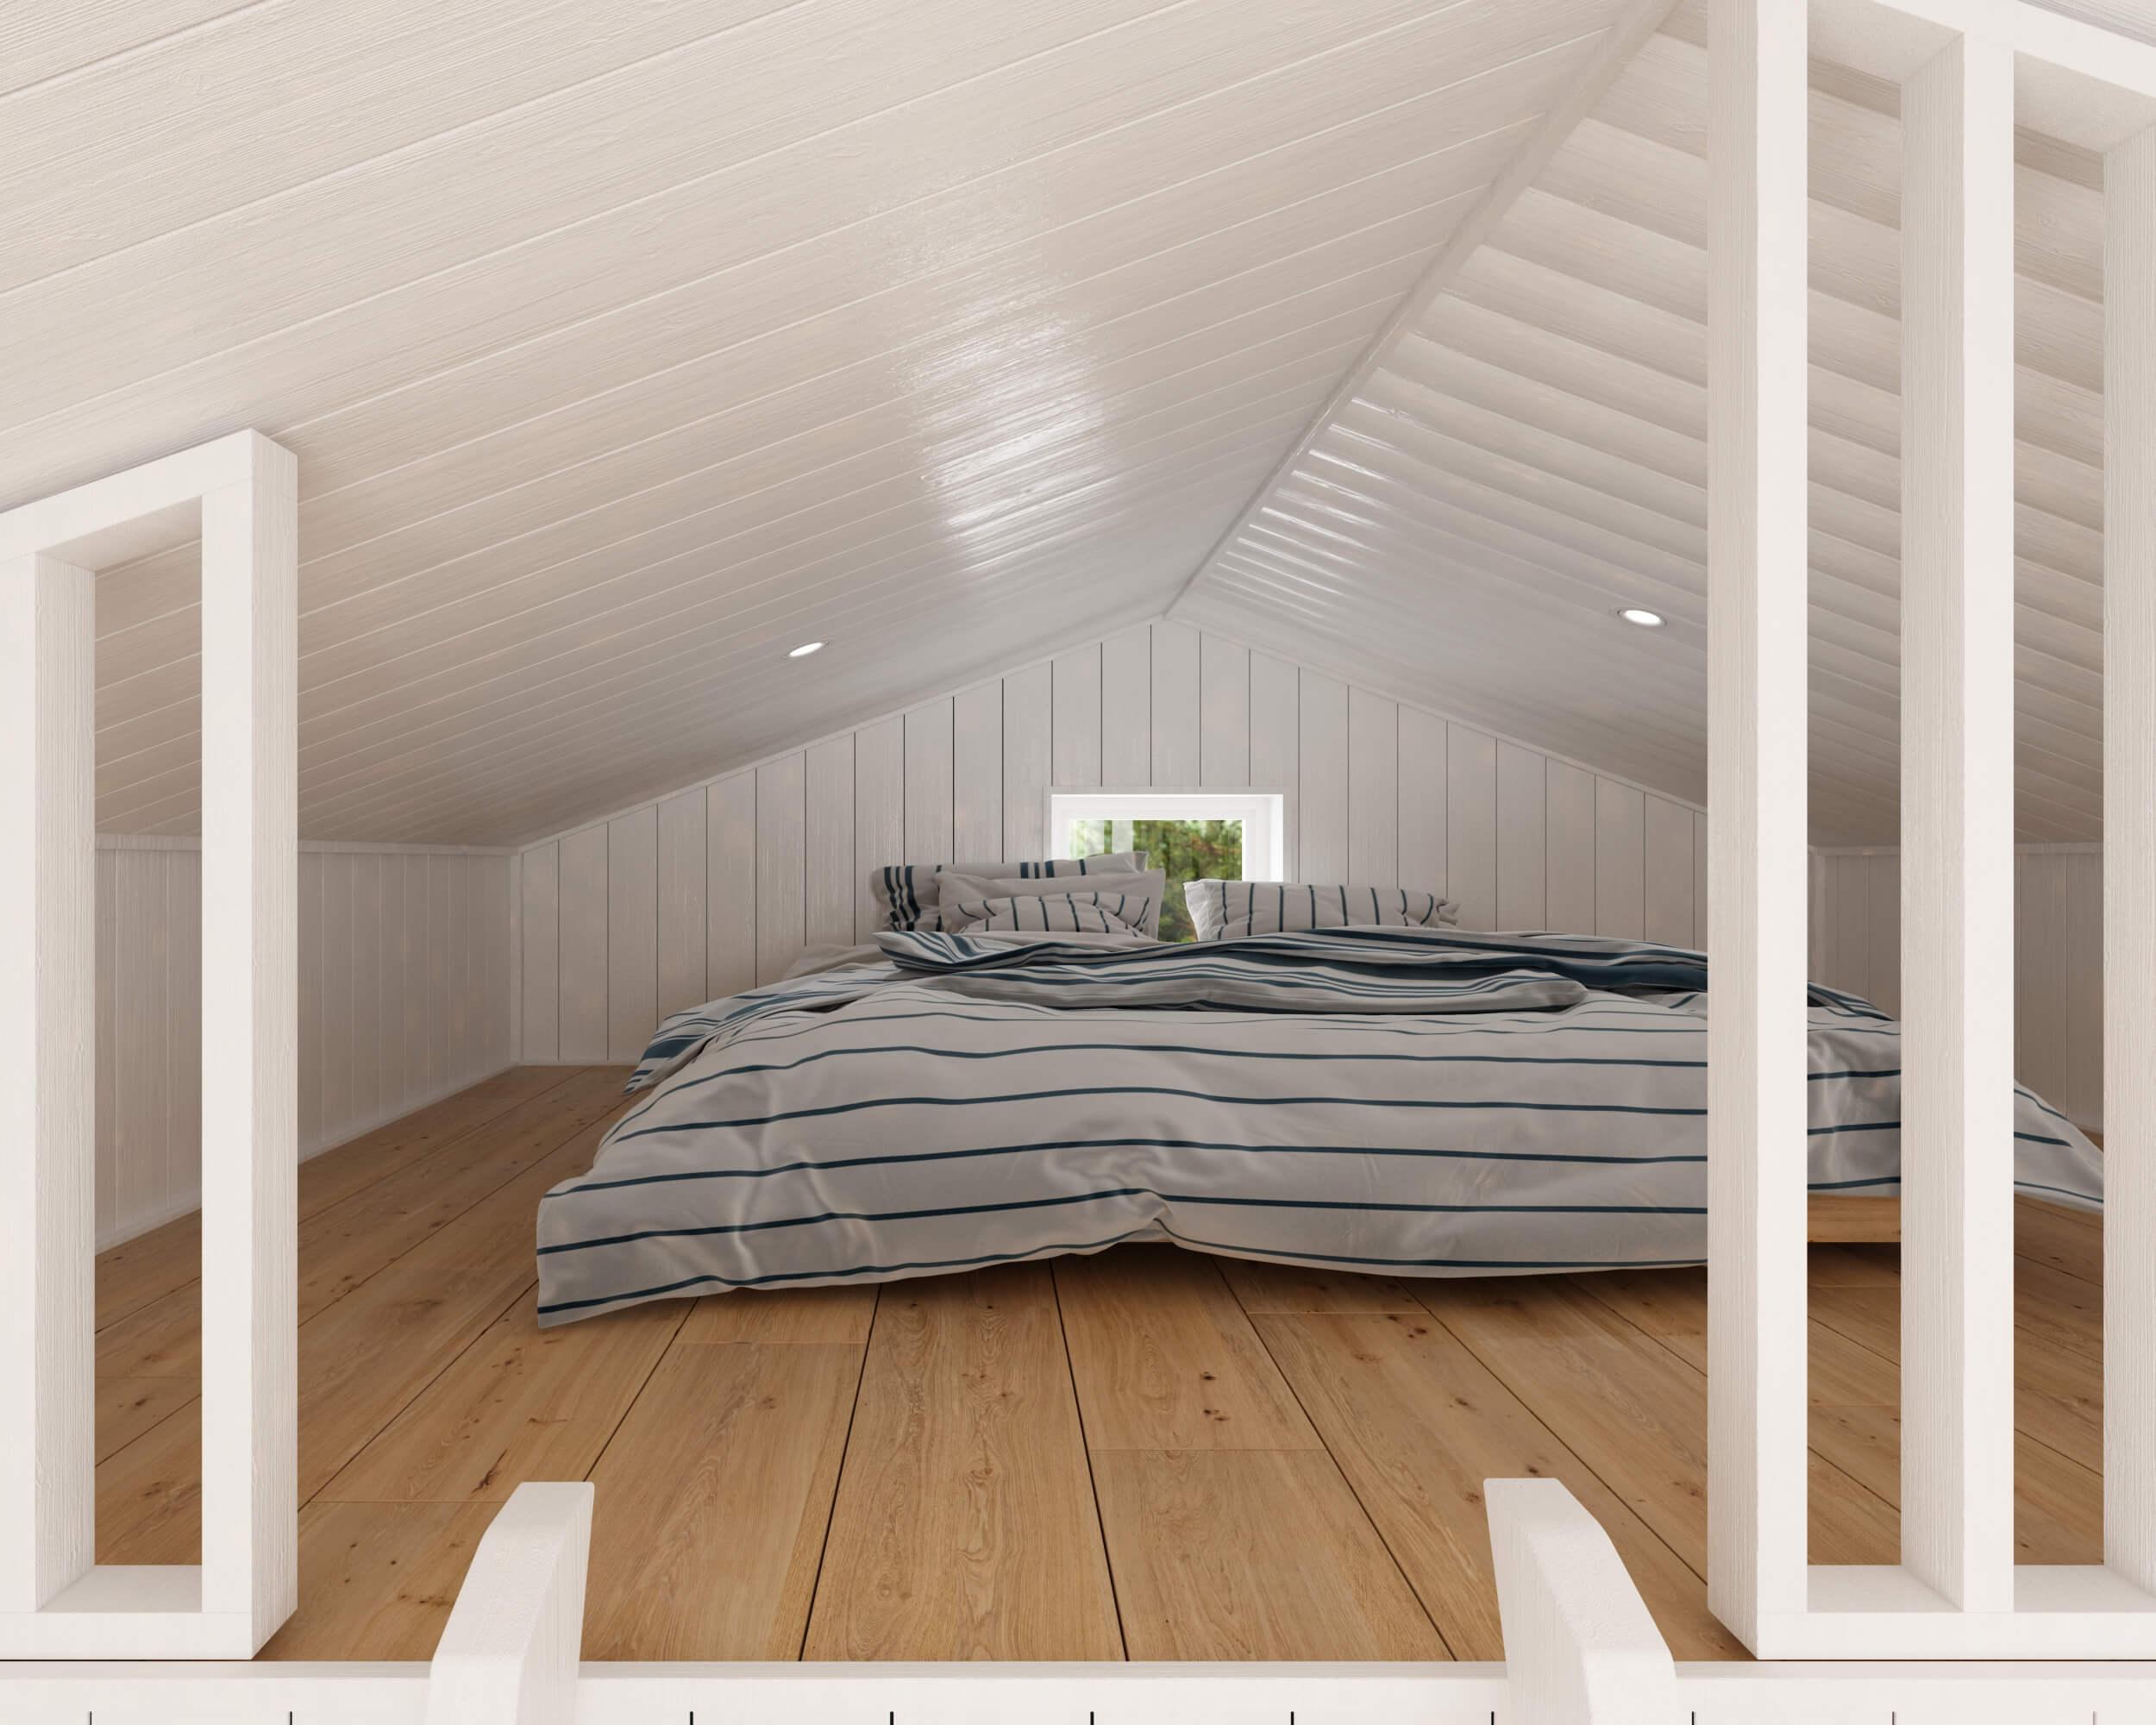 Attefallshus Klassisk 25.2 sovloft med dubbelsäng och spotlights i tak